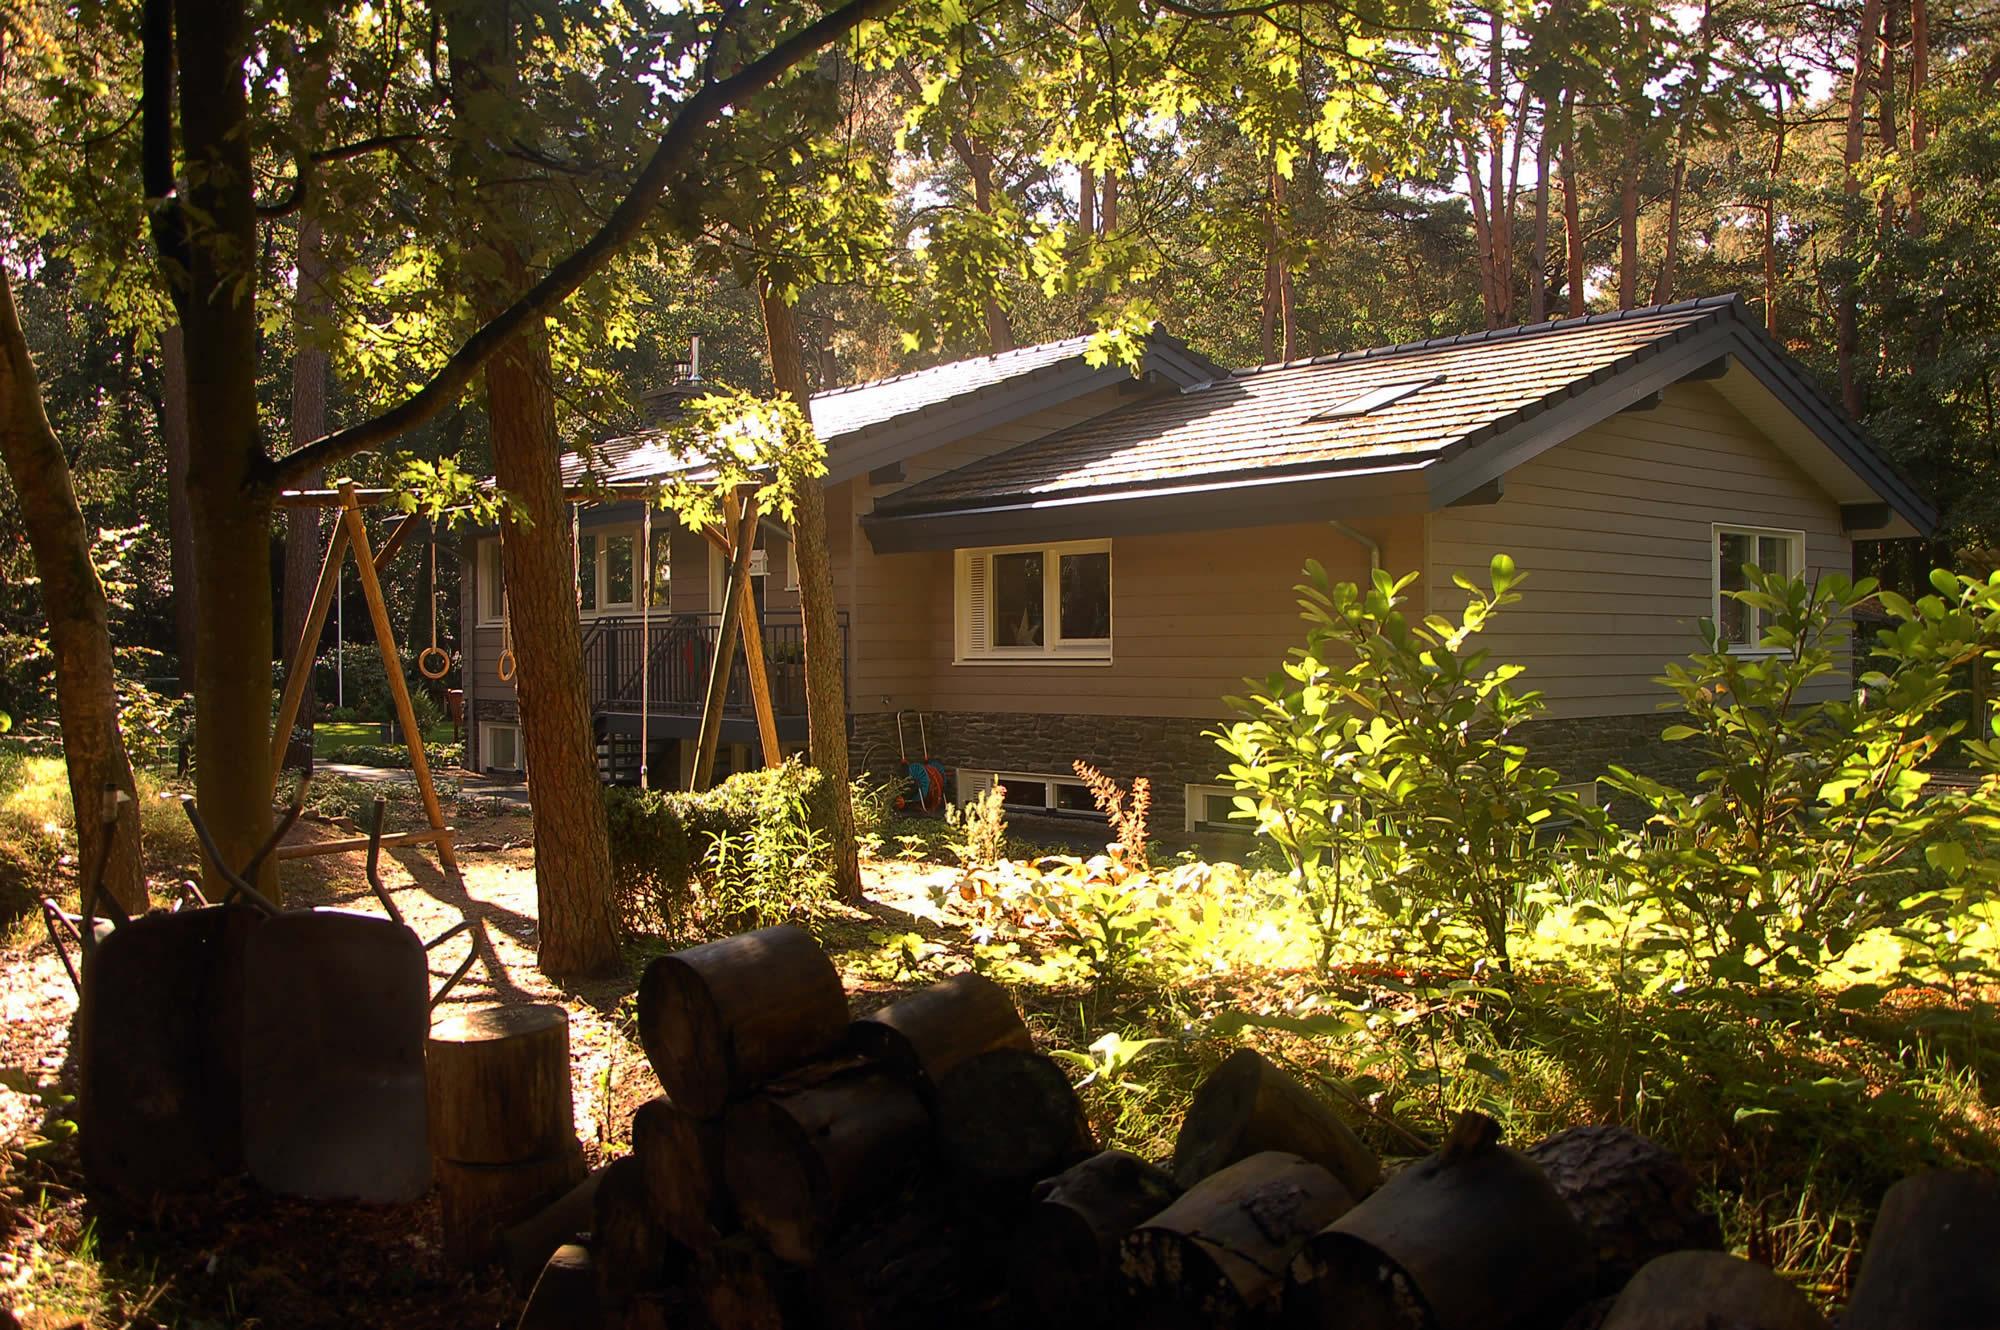 Aanzicht van het huis vanaf de achtertuin